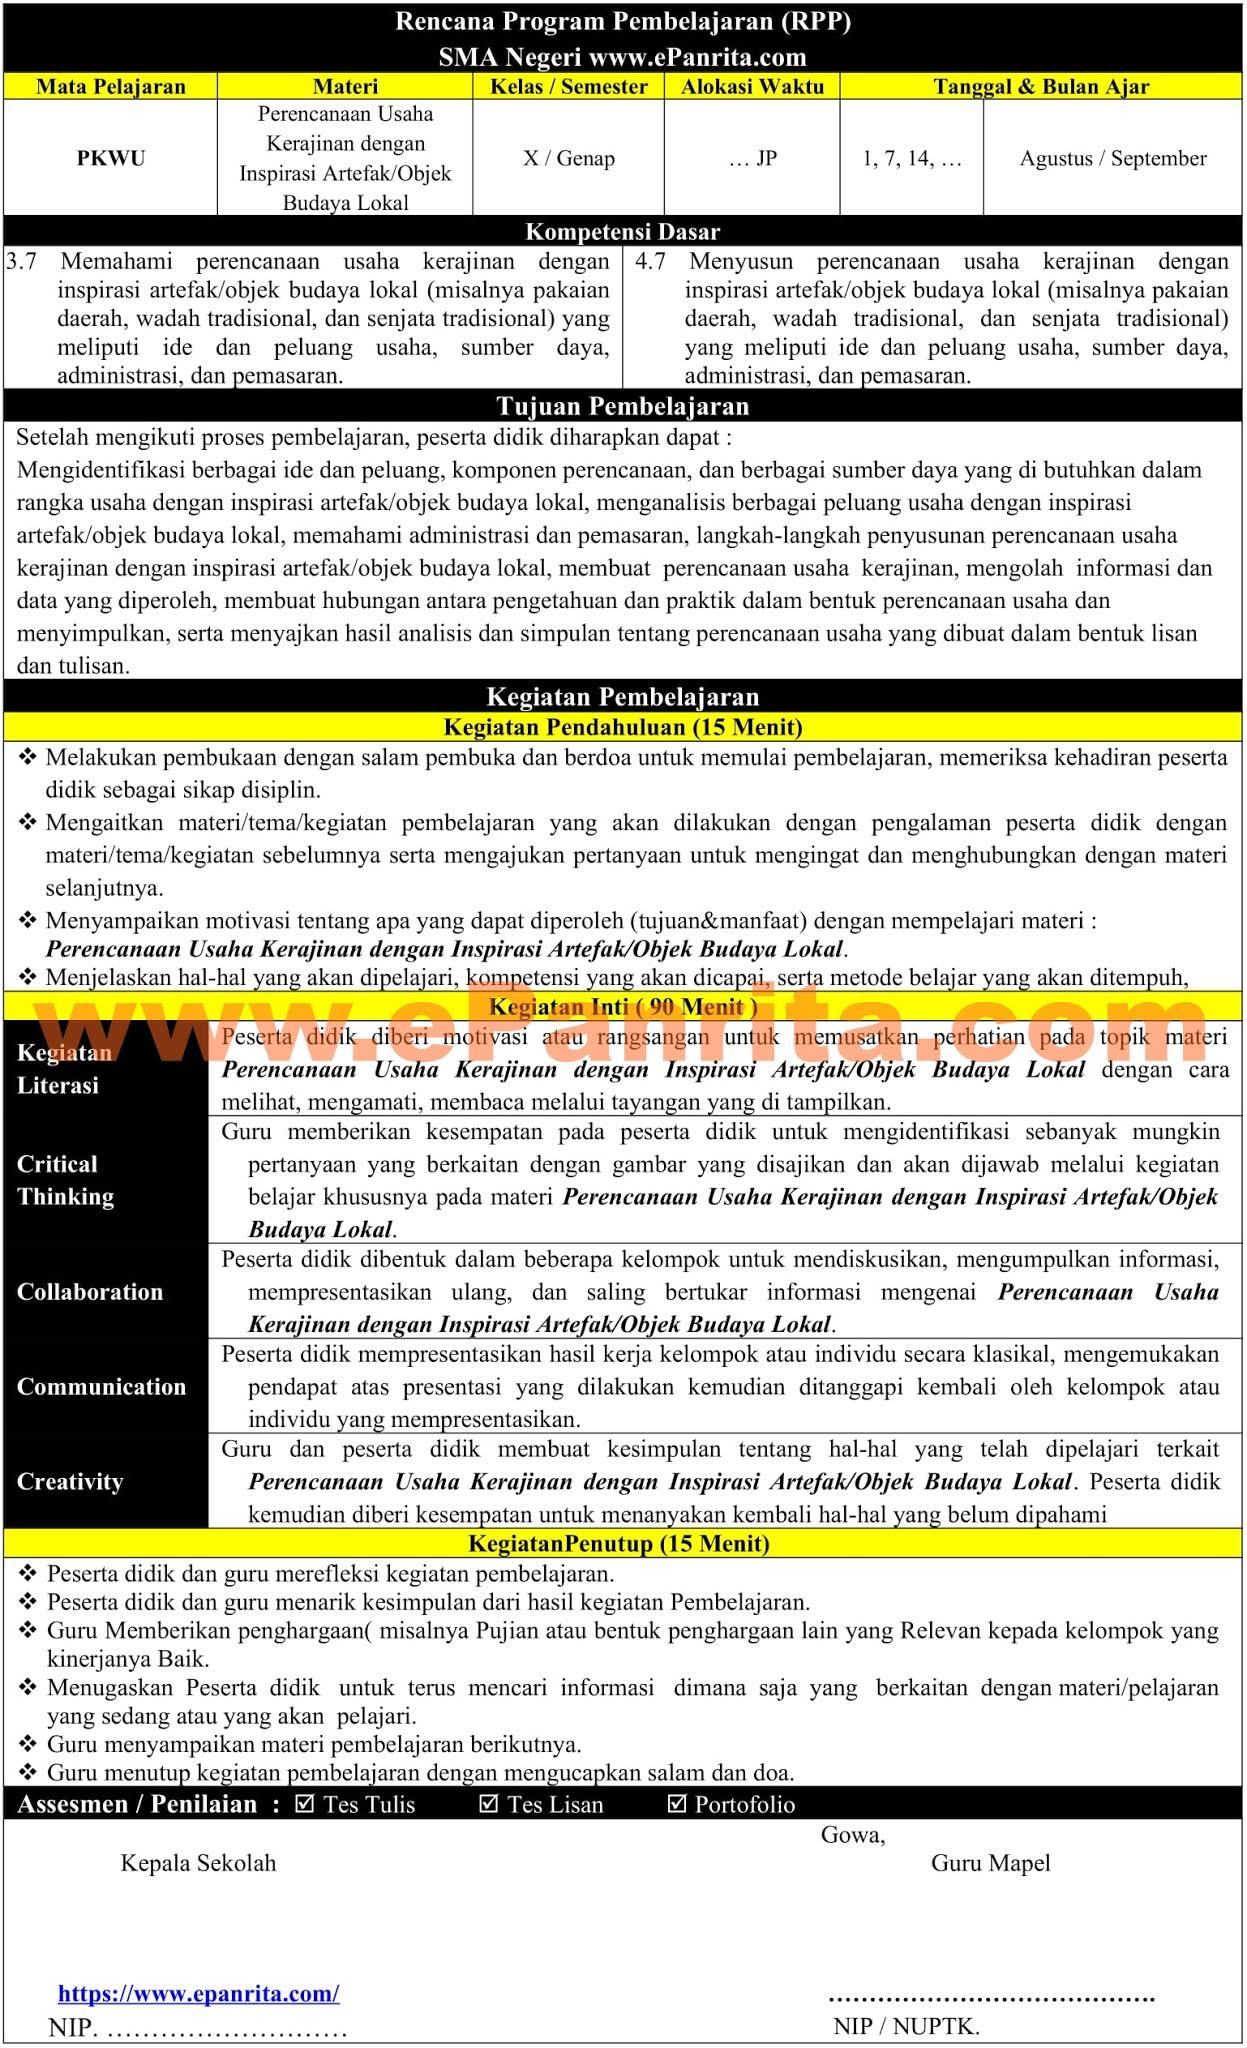 RPP 1 Halaman Prakarya Aspek Kerajinan (Perencanaan Usaha Kerajinan dengan Inspirasi Artefak/Objek Budaya Lokal)